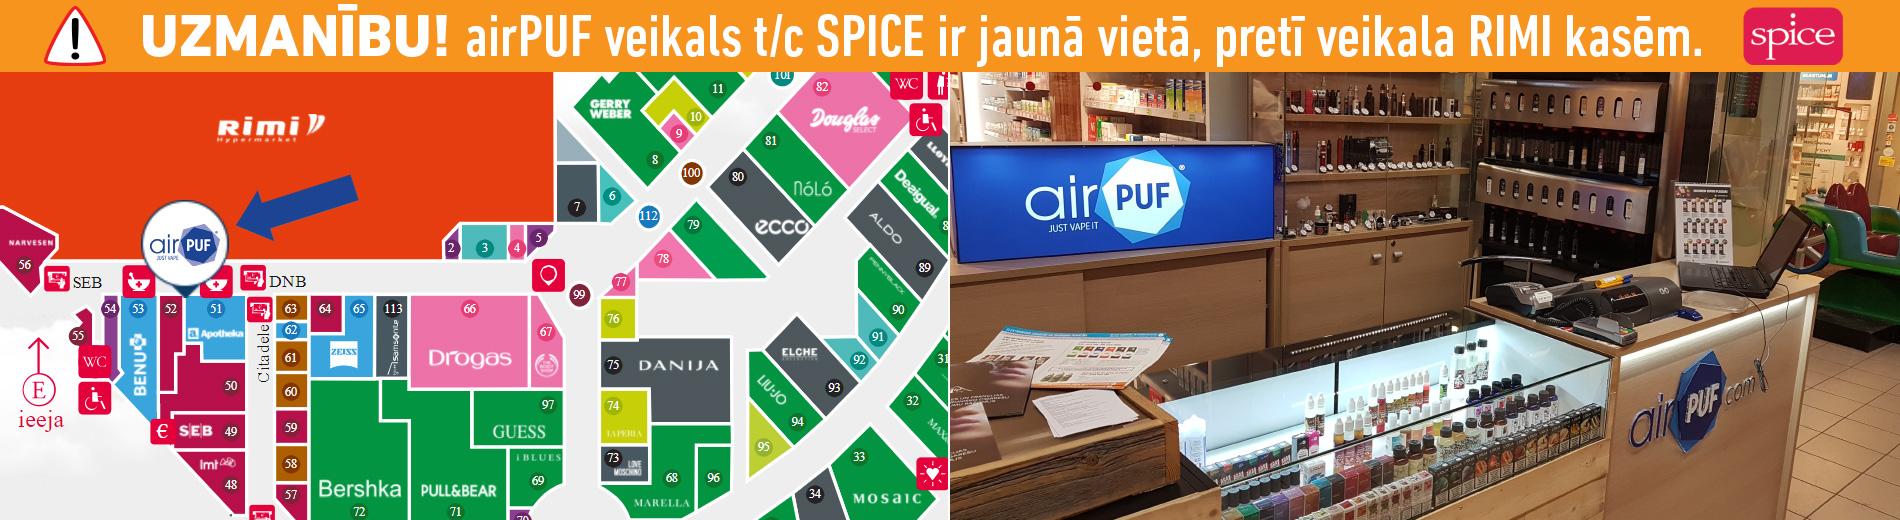 airpuf spice, e-cigaretes spice, elektroniskās cigaretes spice, e-šķidrumi spice, spice home e-cigaretes šķidrumi, airpuf